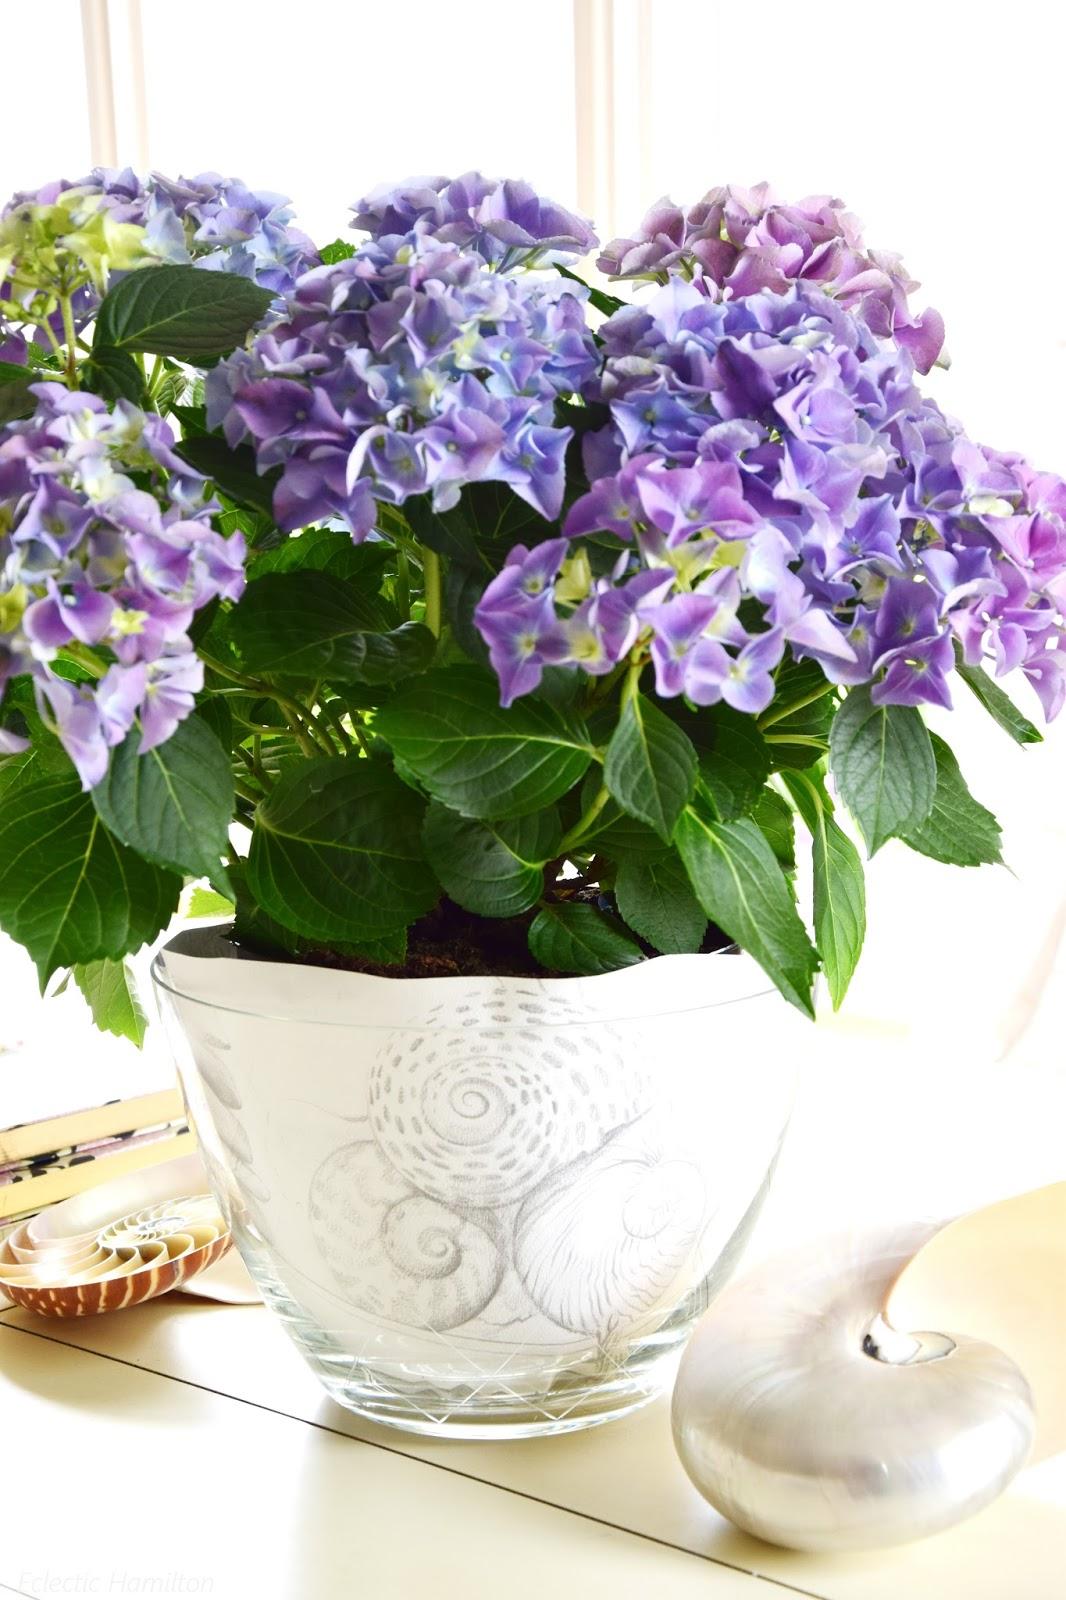 Mein Wochenende Und Ideen Zur Tischdeko Mit Lupinen Hortensien